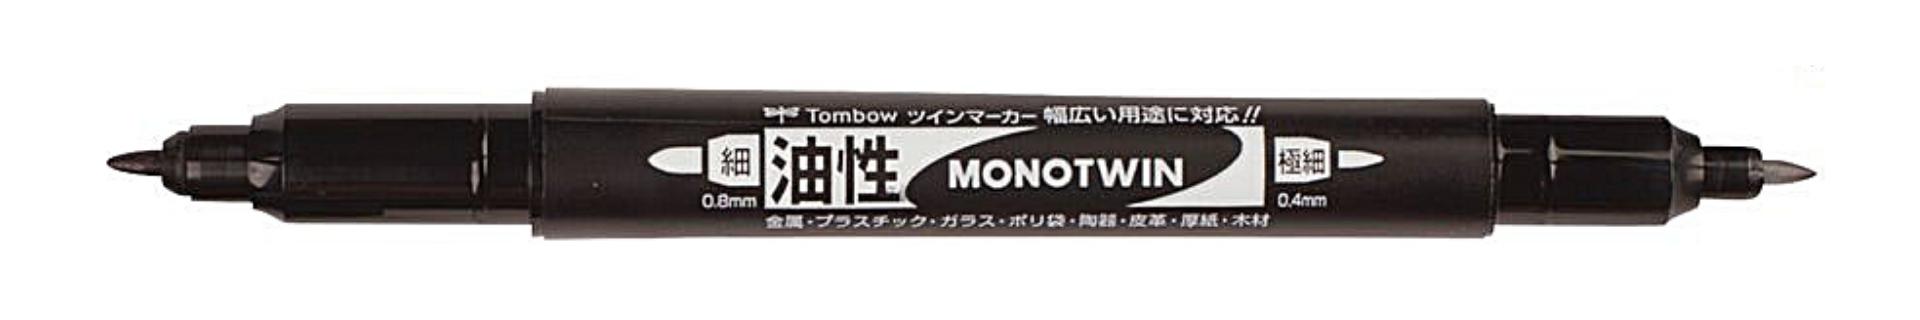 Tombow Mono Twin